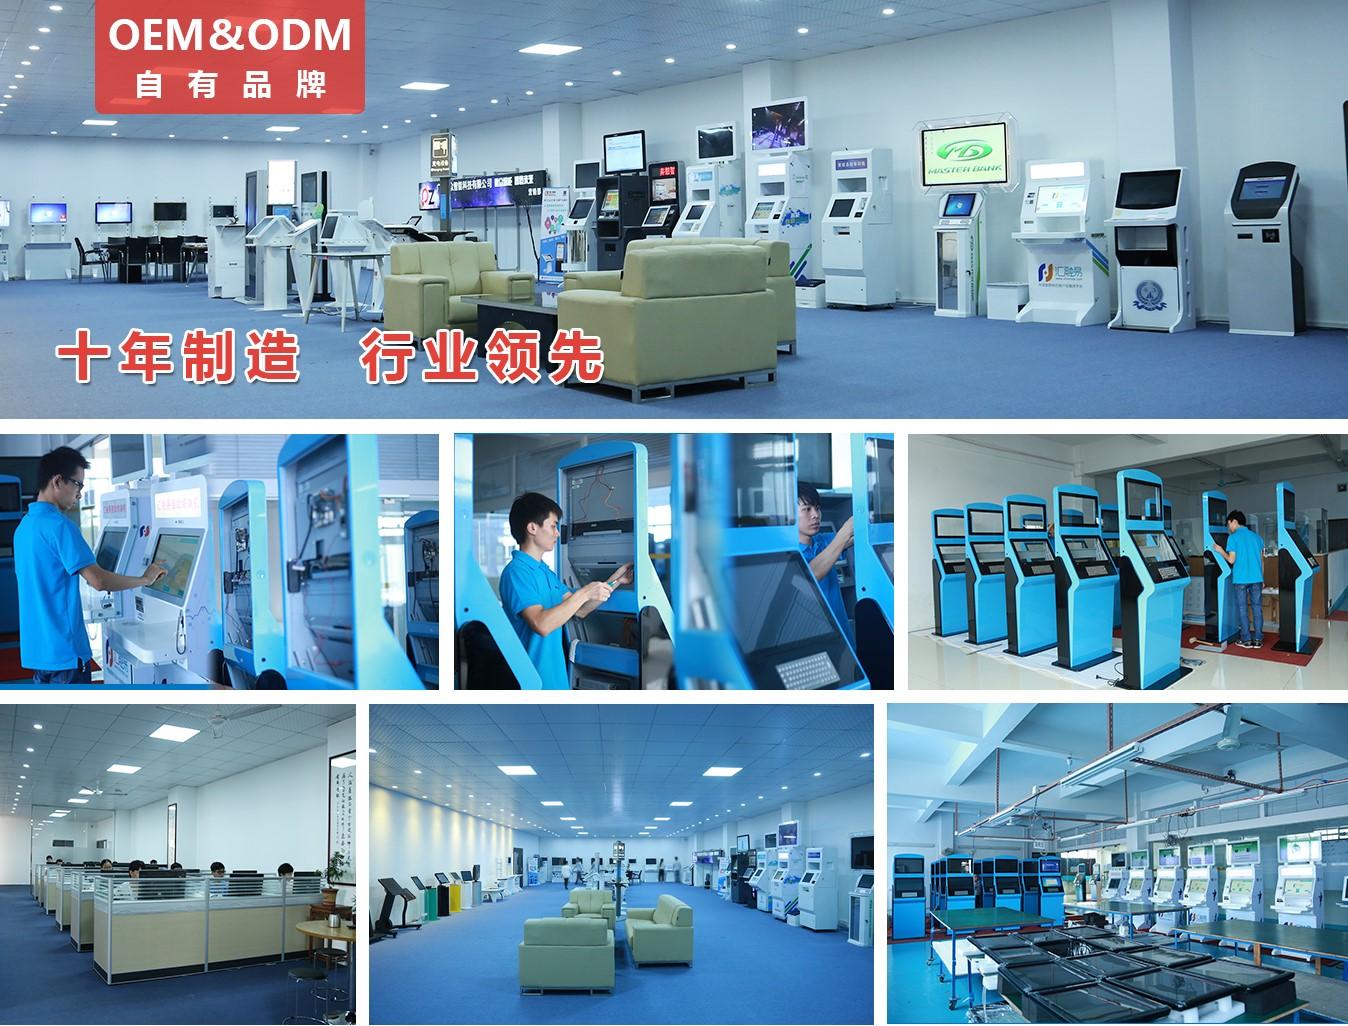 32寸壁挂式广告机PZ-32BE--广州磐众智能科技有限公司